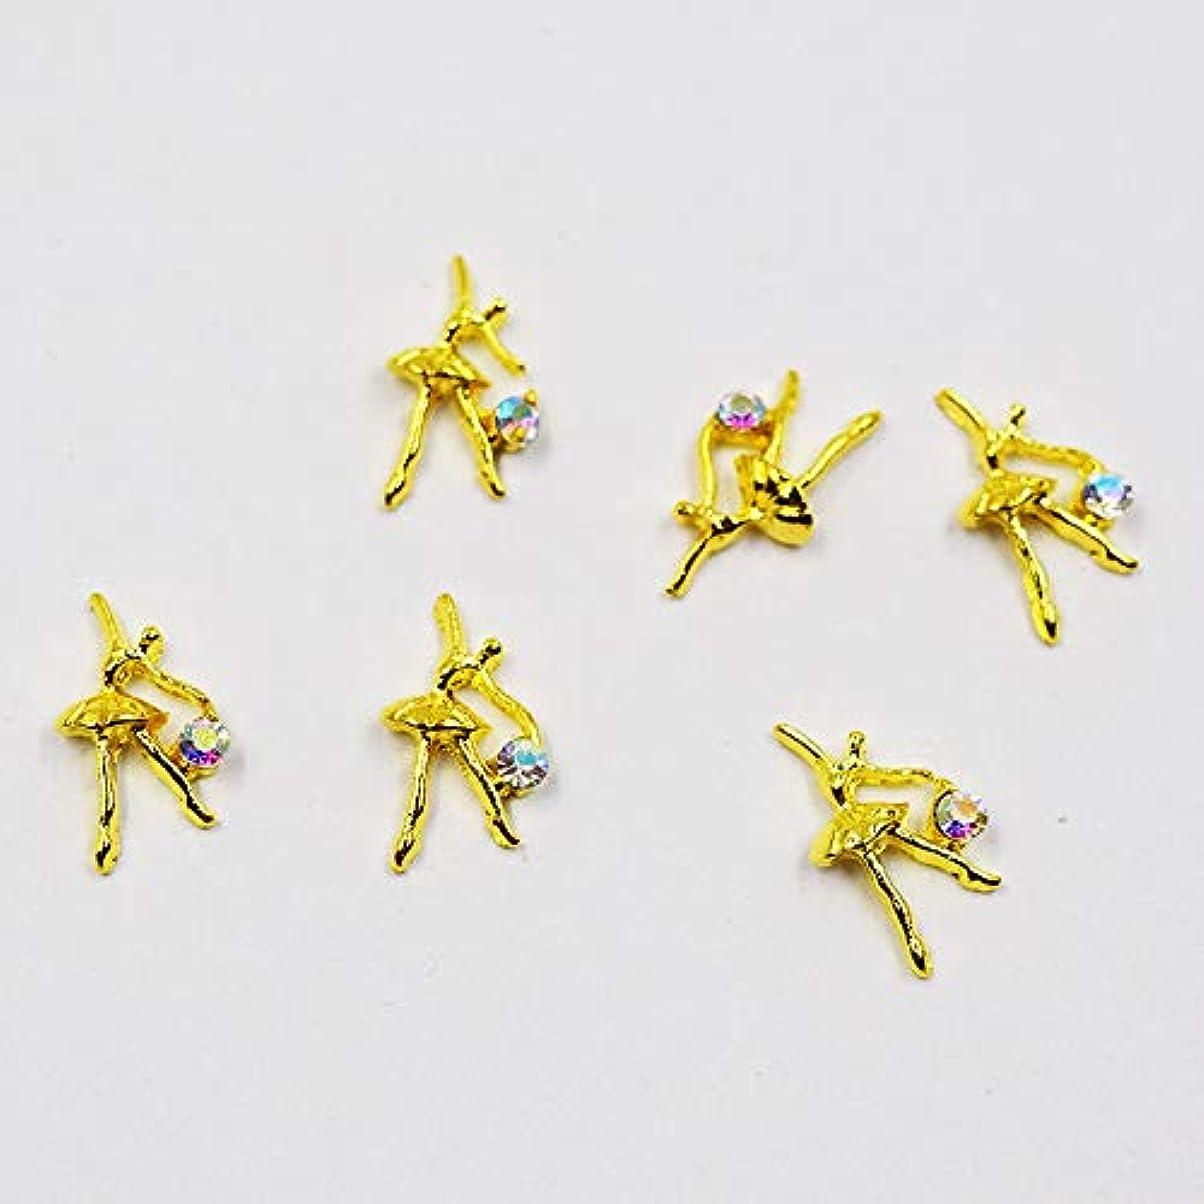 チャレンジコークス沿ってマニキュアの色宝石デザインネイルアクセサリーツールのための10pcsの3Dネイルジュエリーデコレーションネイルズアートグリッターラインストーン